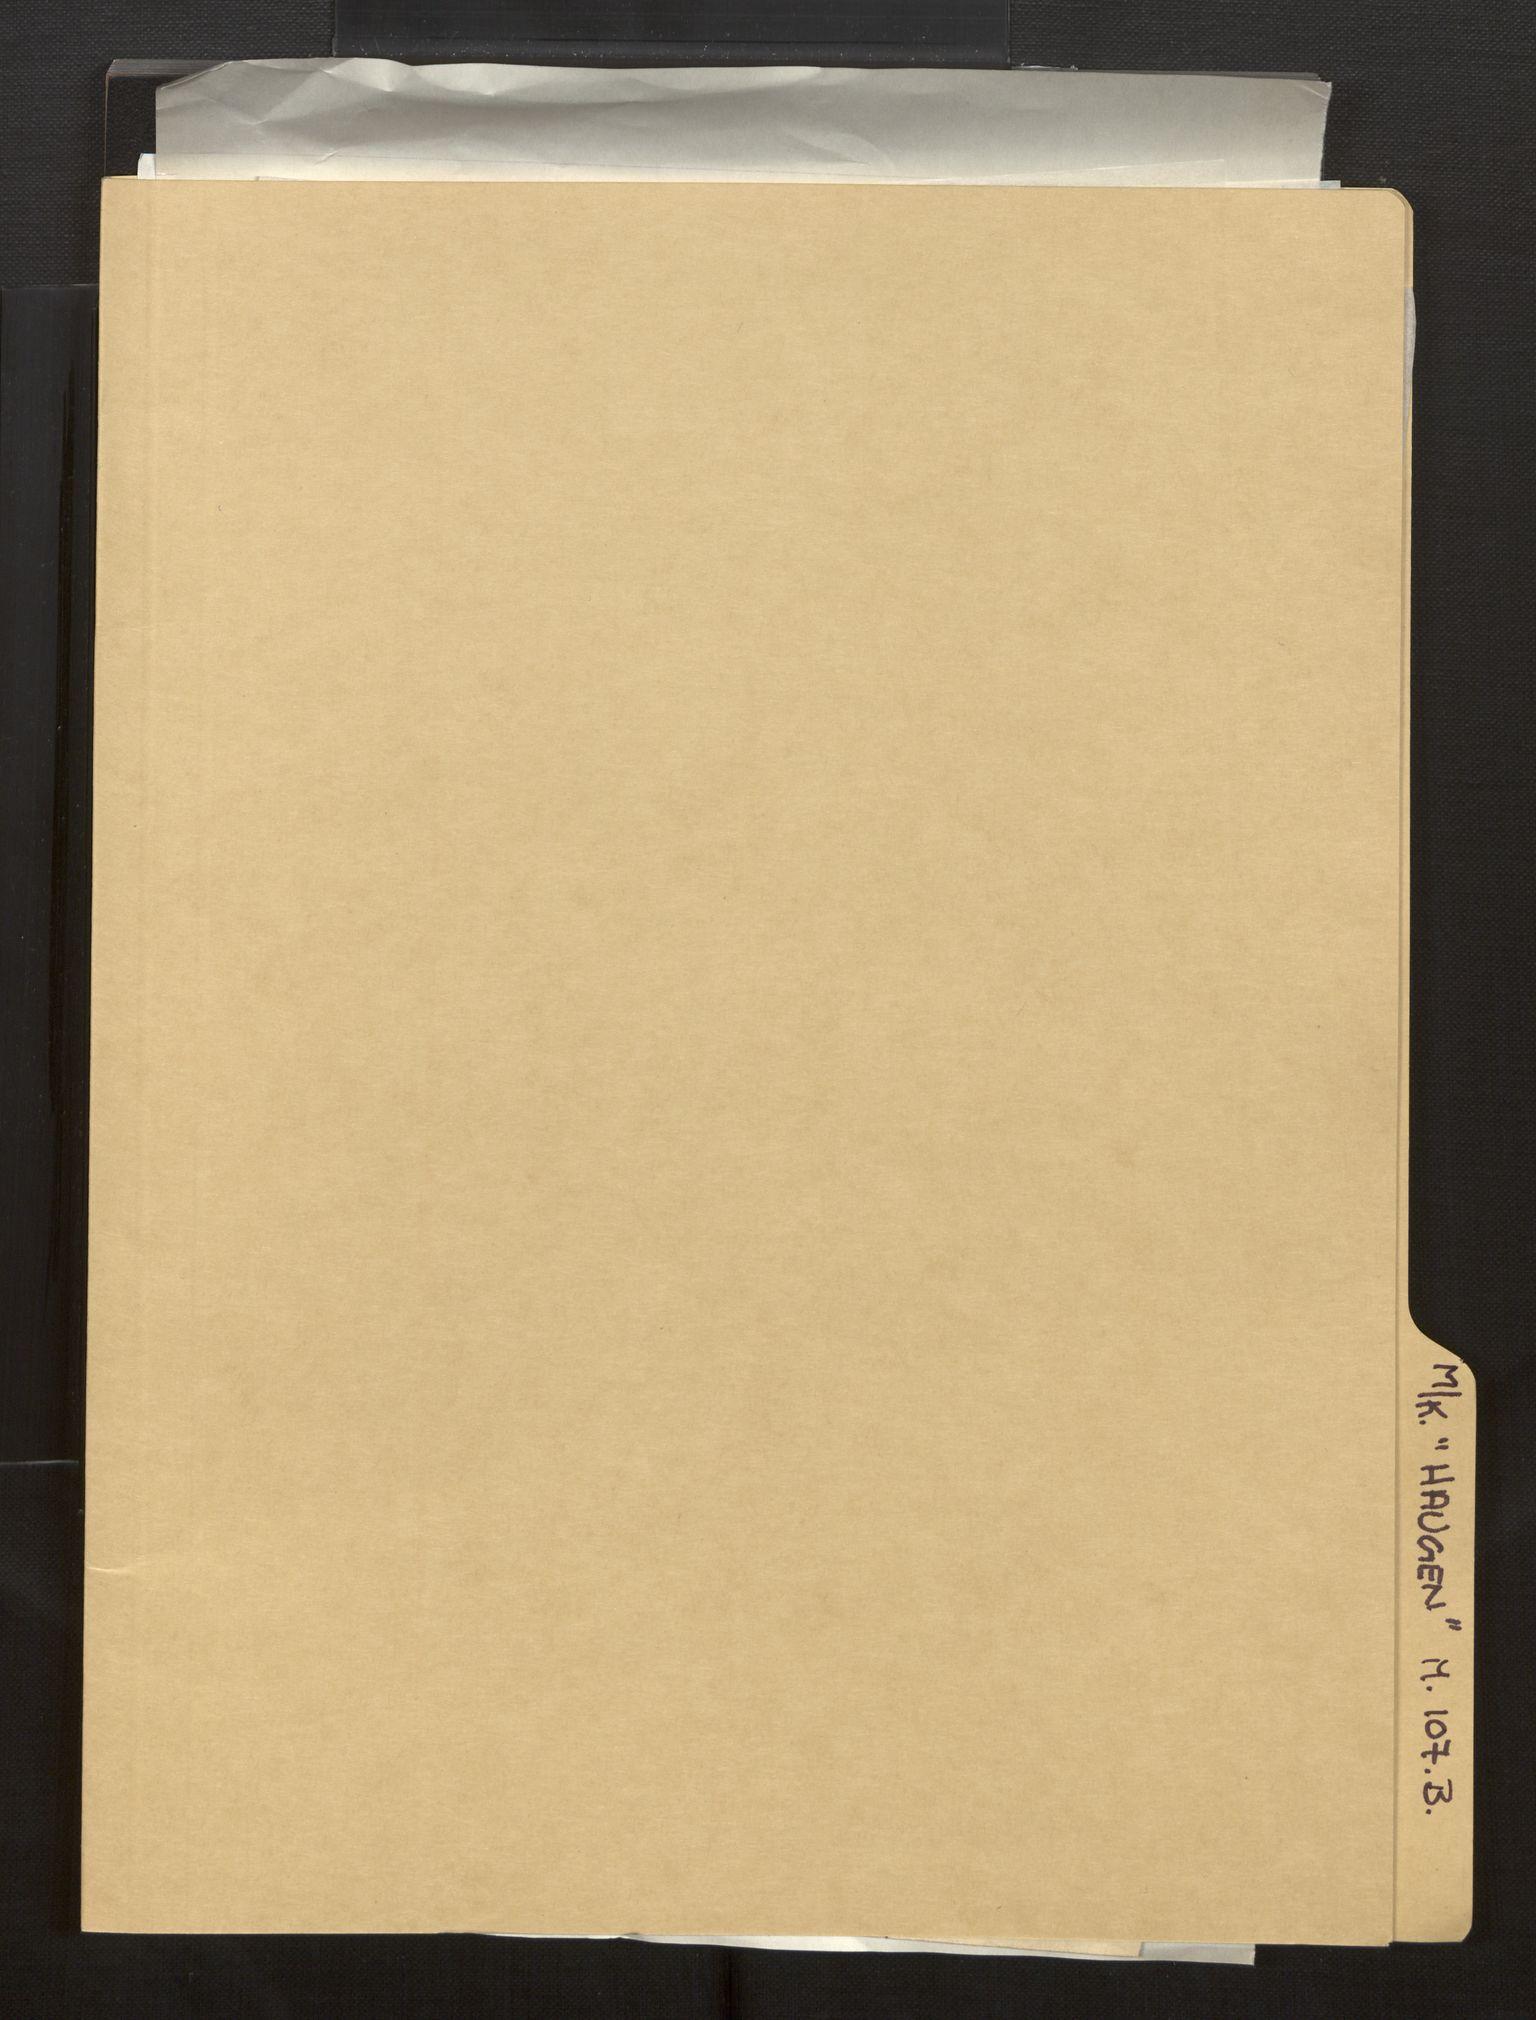 SAB, Fiskeridirektoratet - 1 Adm. ledelse - 13 Båtkontoret, La/L0042: Statens krigsforsikring for fiskeflåten, 1936-1971, s. 784